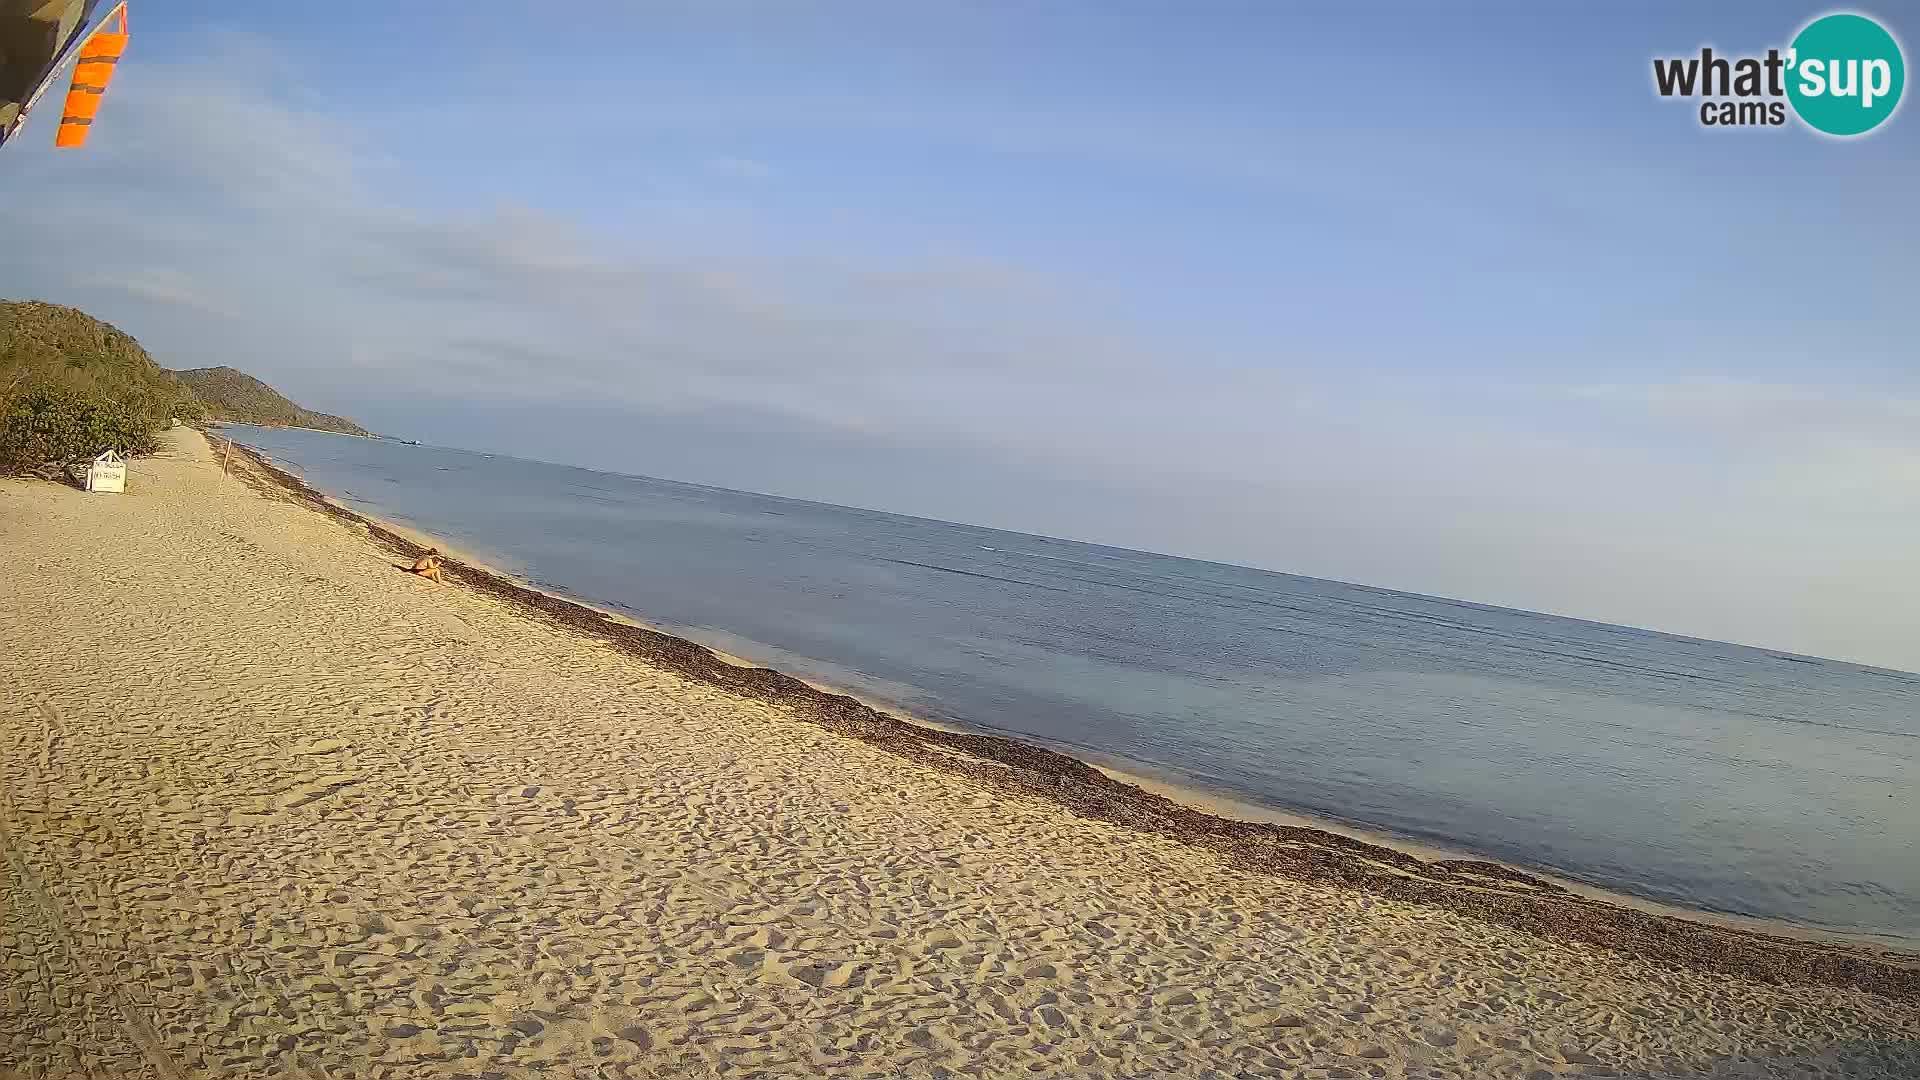 Webcam spiaggia Buen Hombre – Kite School